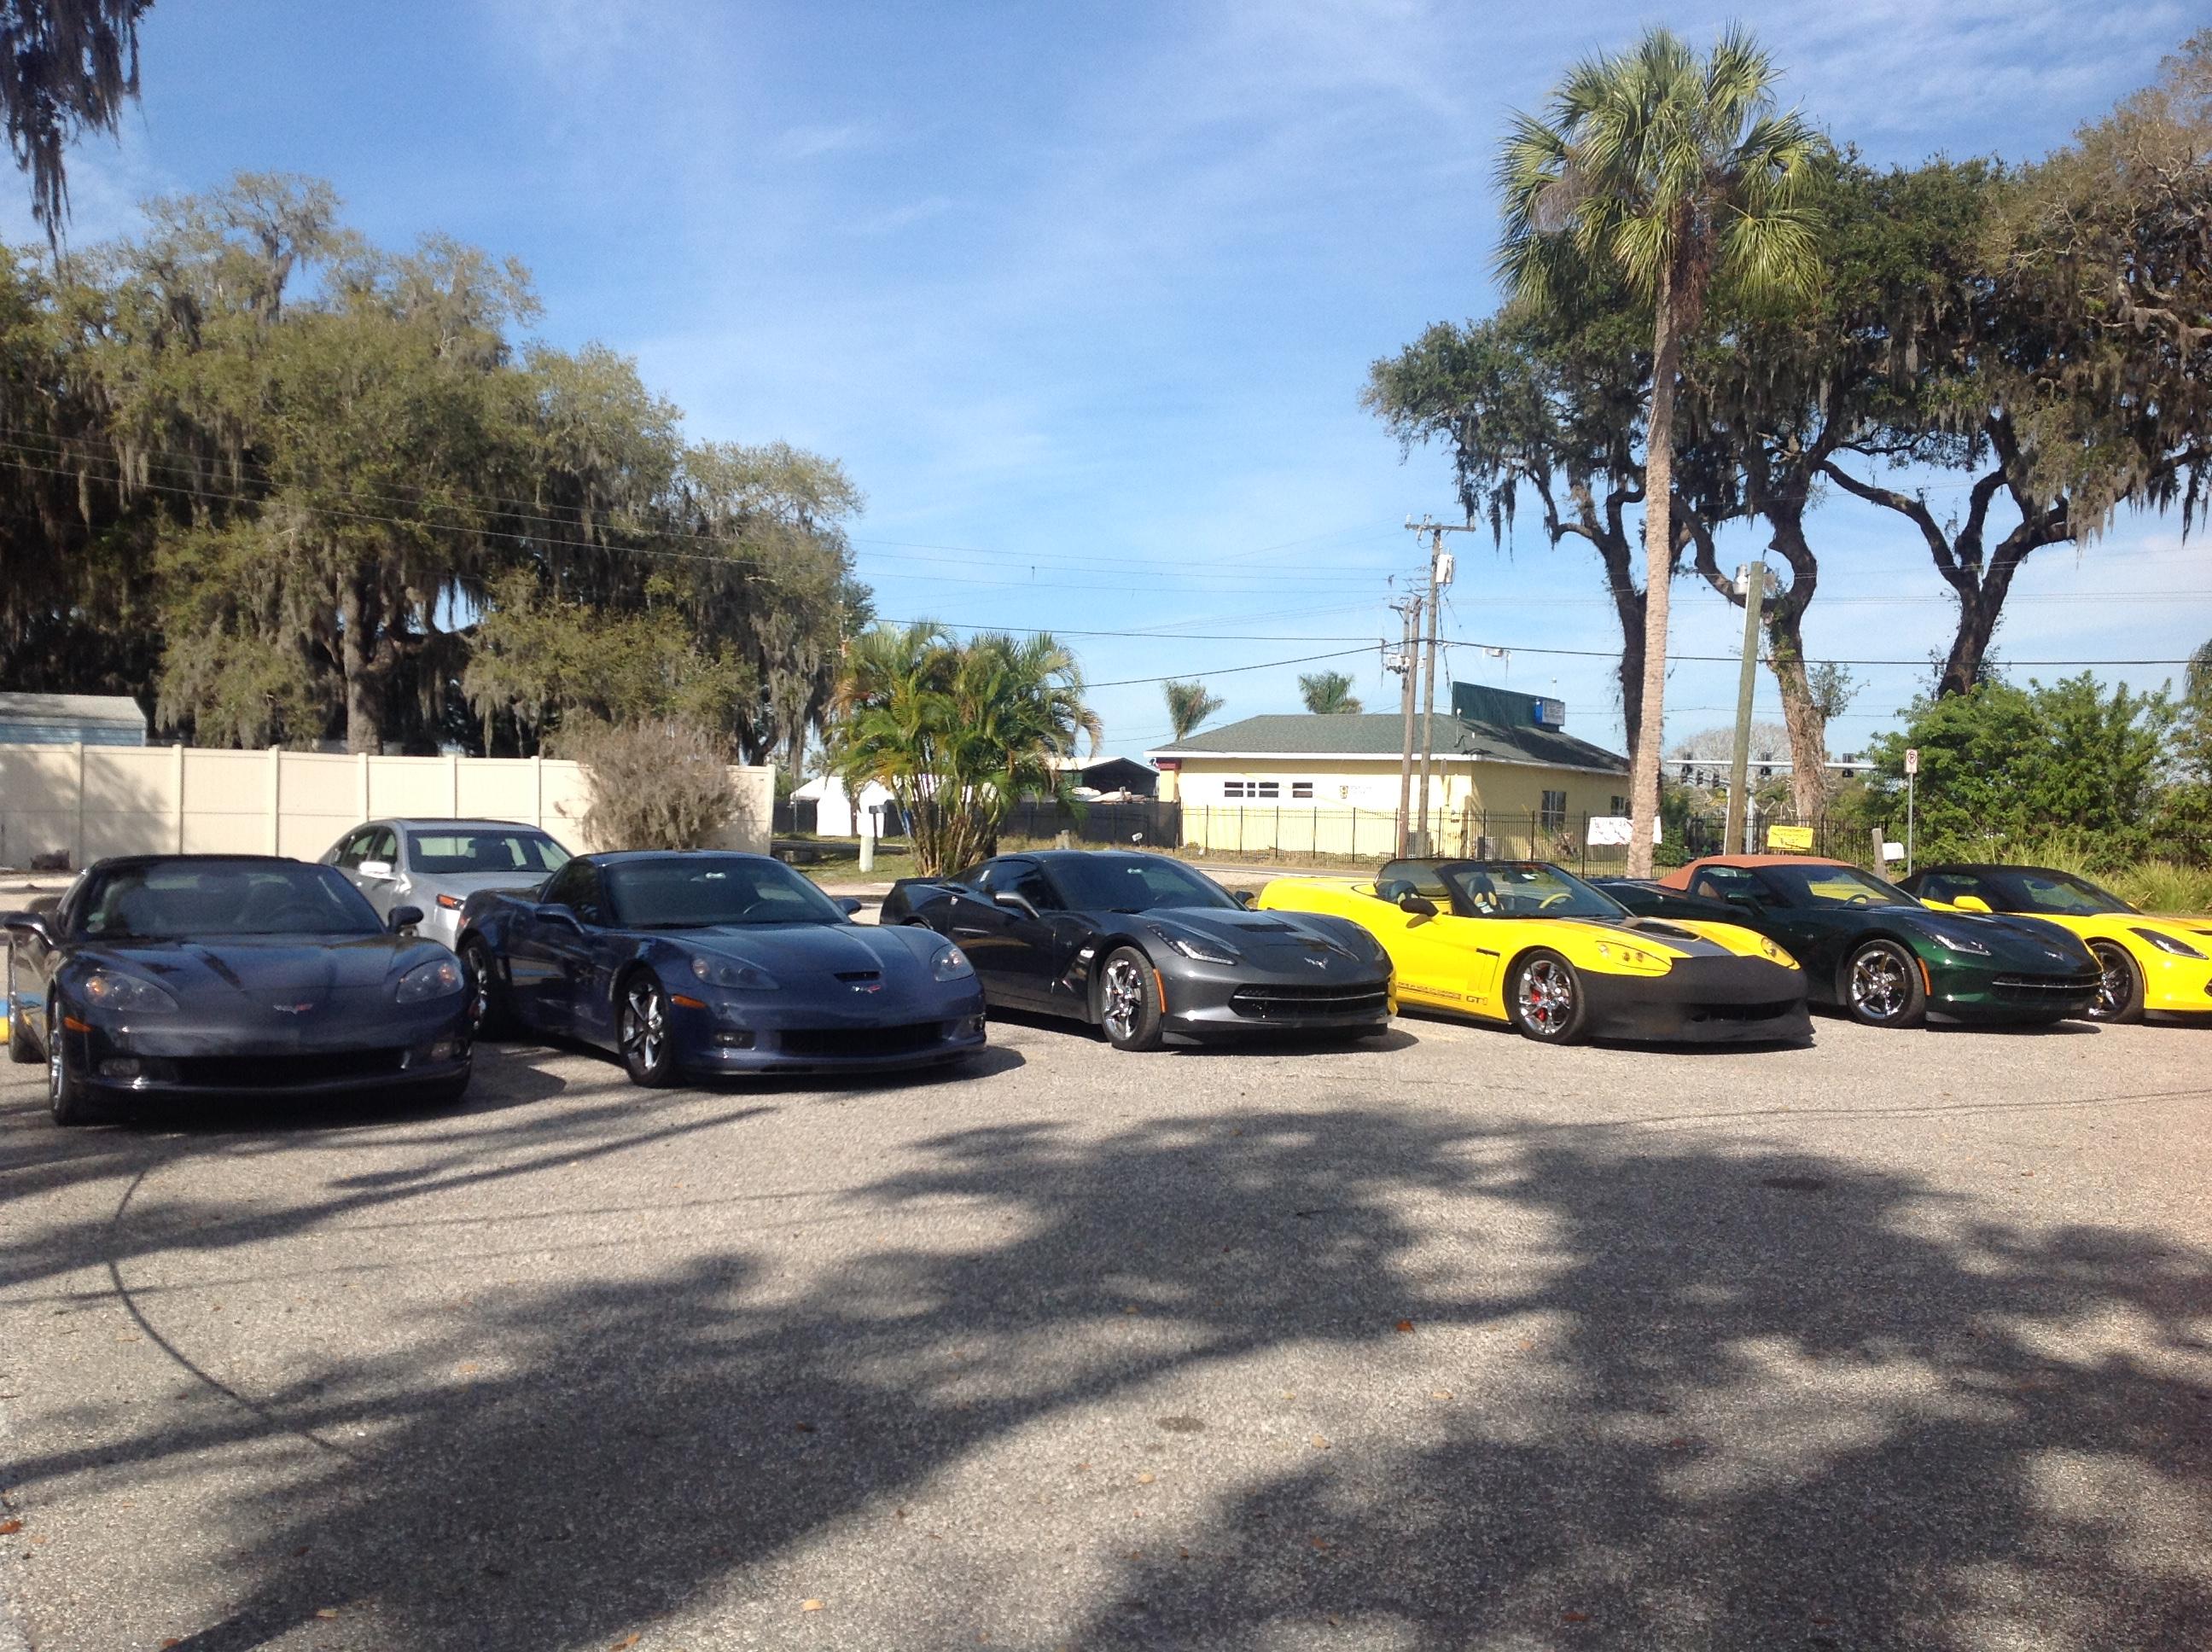 6-cars.JPG